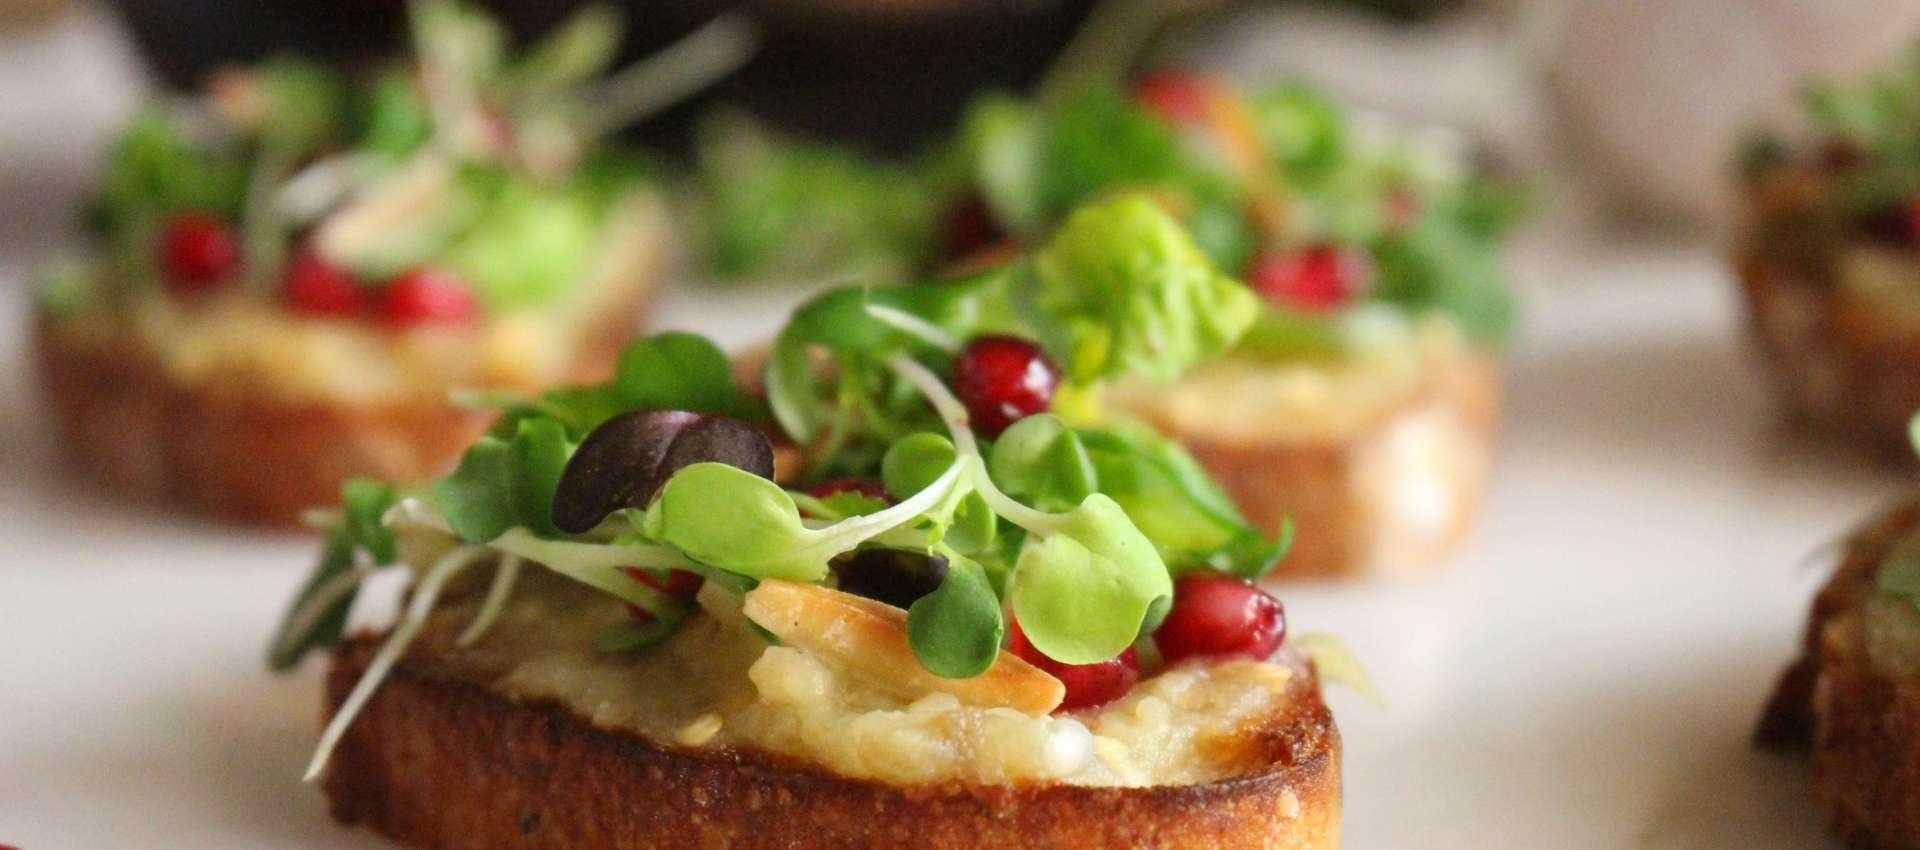 Eggplant toast, eggplant and jalapeno toast,